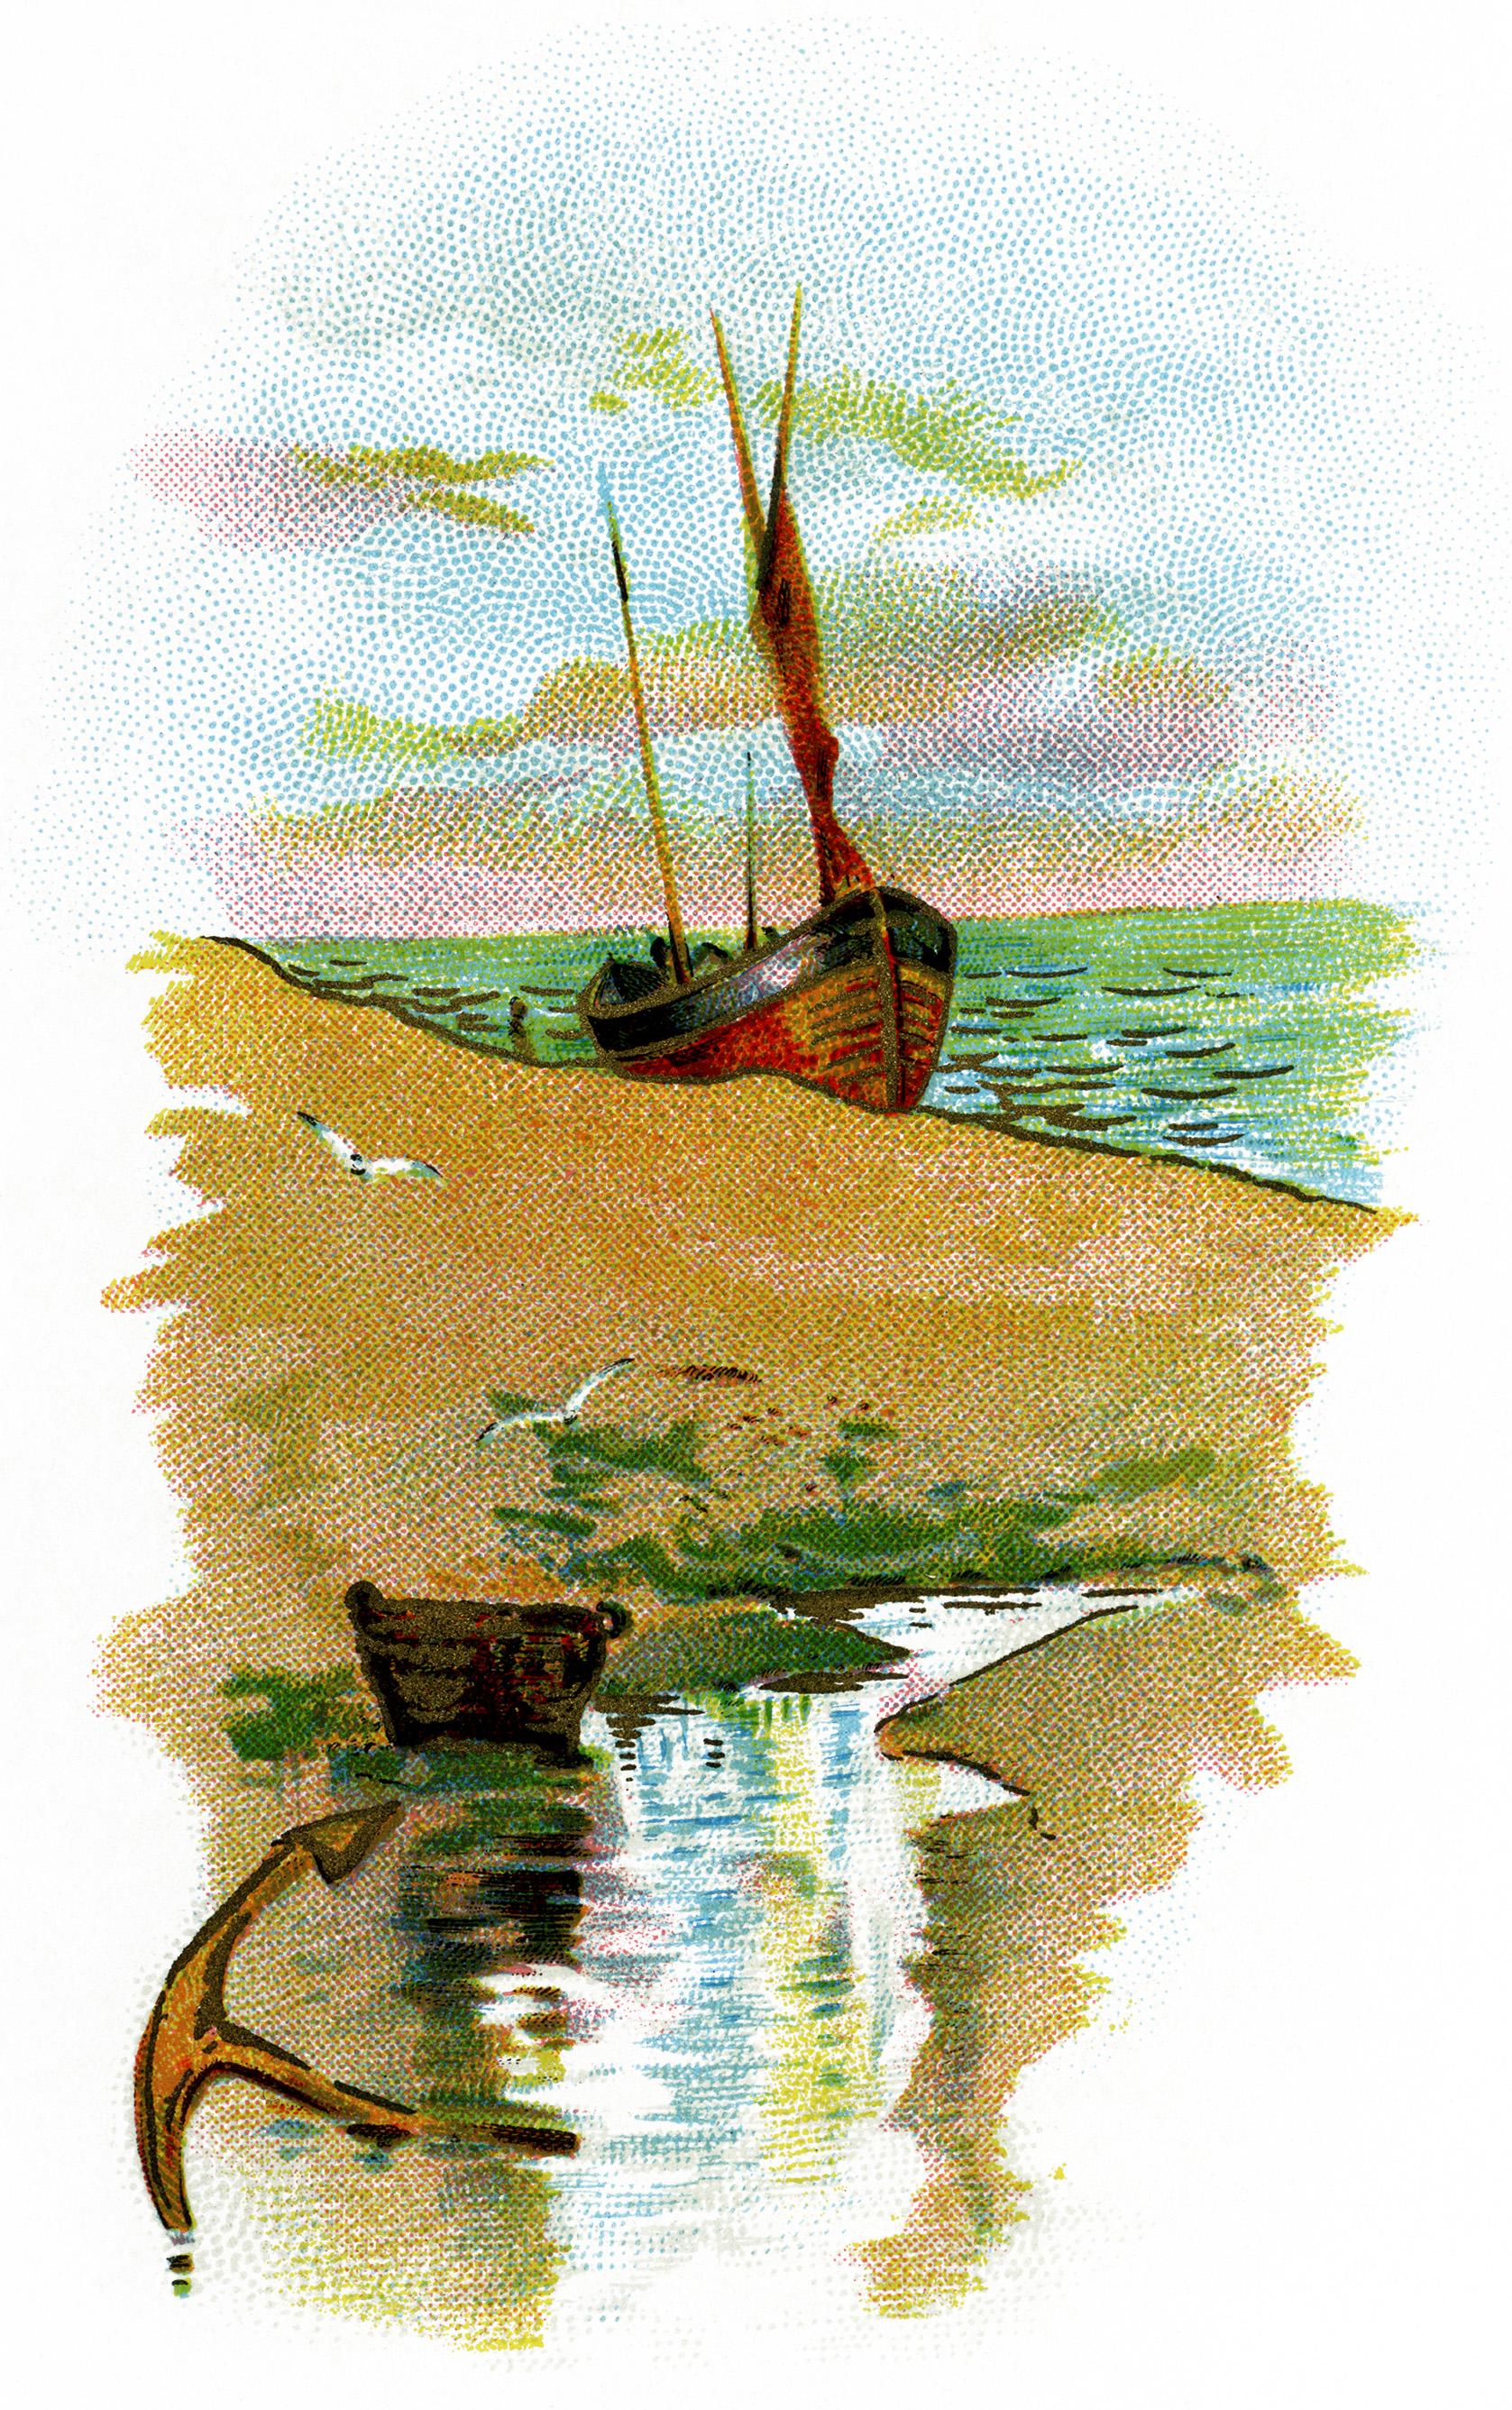 Sailing Ship on Beach Scene